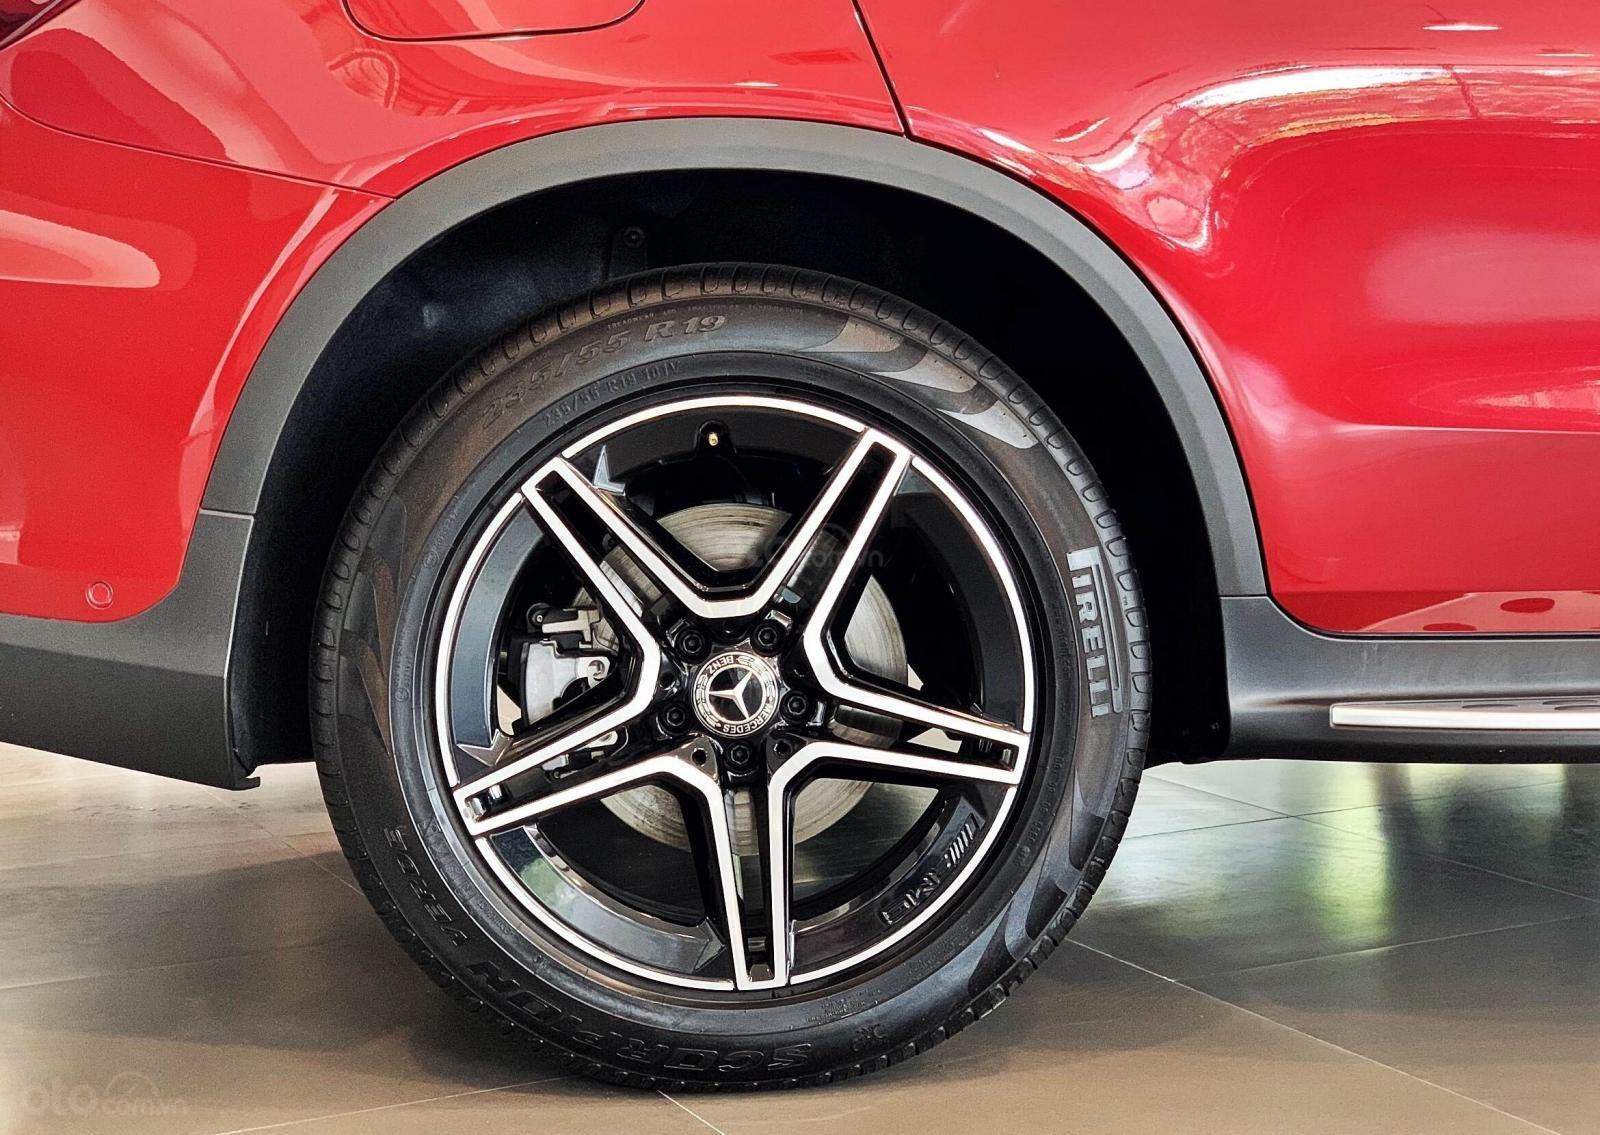 Bán Mercedes-Benz Glc 300 4 matic, quà tặng lên đến 200 tr tiền mặt, giá ưu đãi nhất HN (4)